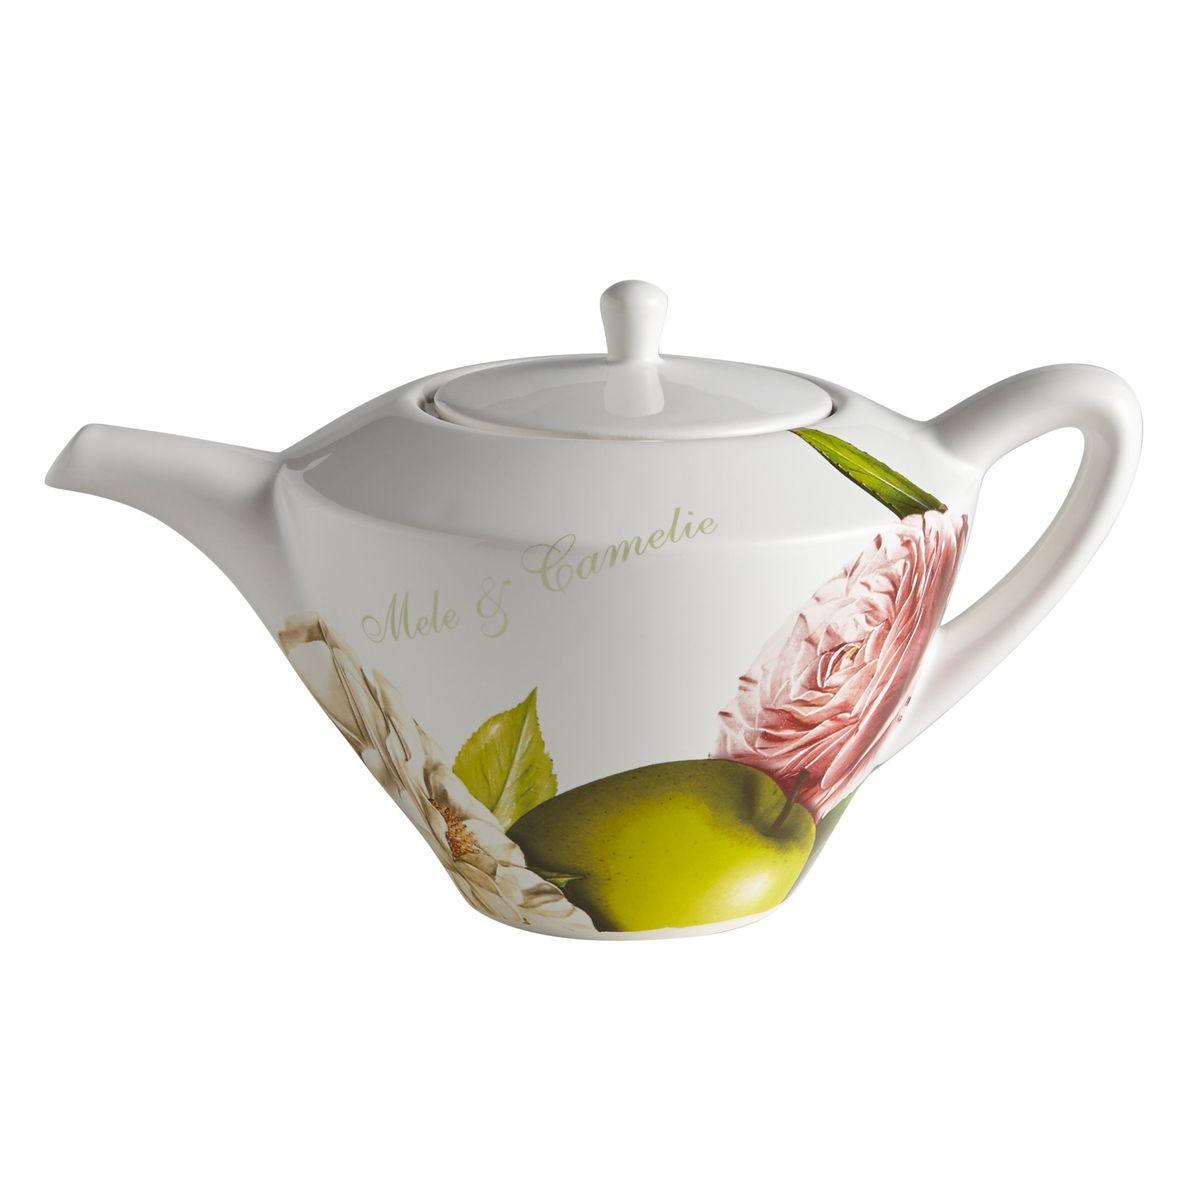 Чайник Яблоки и камелии. CV2-4843-ALCV2-4843-ALКерамическая посуда итальянской фабрики «Ceramiche Viva» известна не только своим превосходным качеством, но и удивительными, неповторимыми дизайнами, отличающими ее от любой другой керамической посуды.Помимо внешней привлекательности посуда «Ceramiche Viva» обладает и прекрасными практическими свойствами: посуду «Ceramiche Viva» можно мыть в посудомоечной машине и использовать в микроволновой печи. Не разрешается применять при мытье посуды абразивные порошки. Поверхность изделий покрыта высококачественной глазурью, не содержащей свинца.